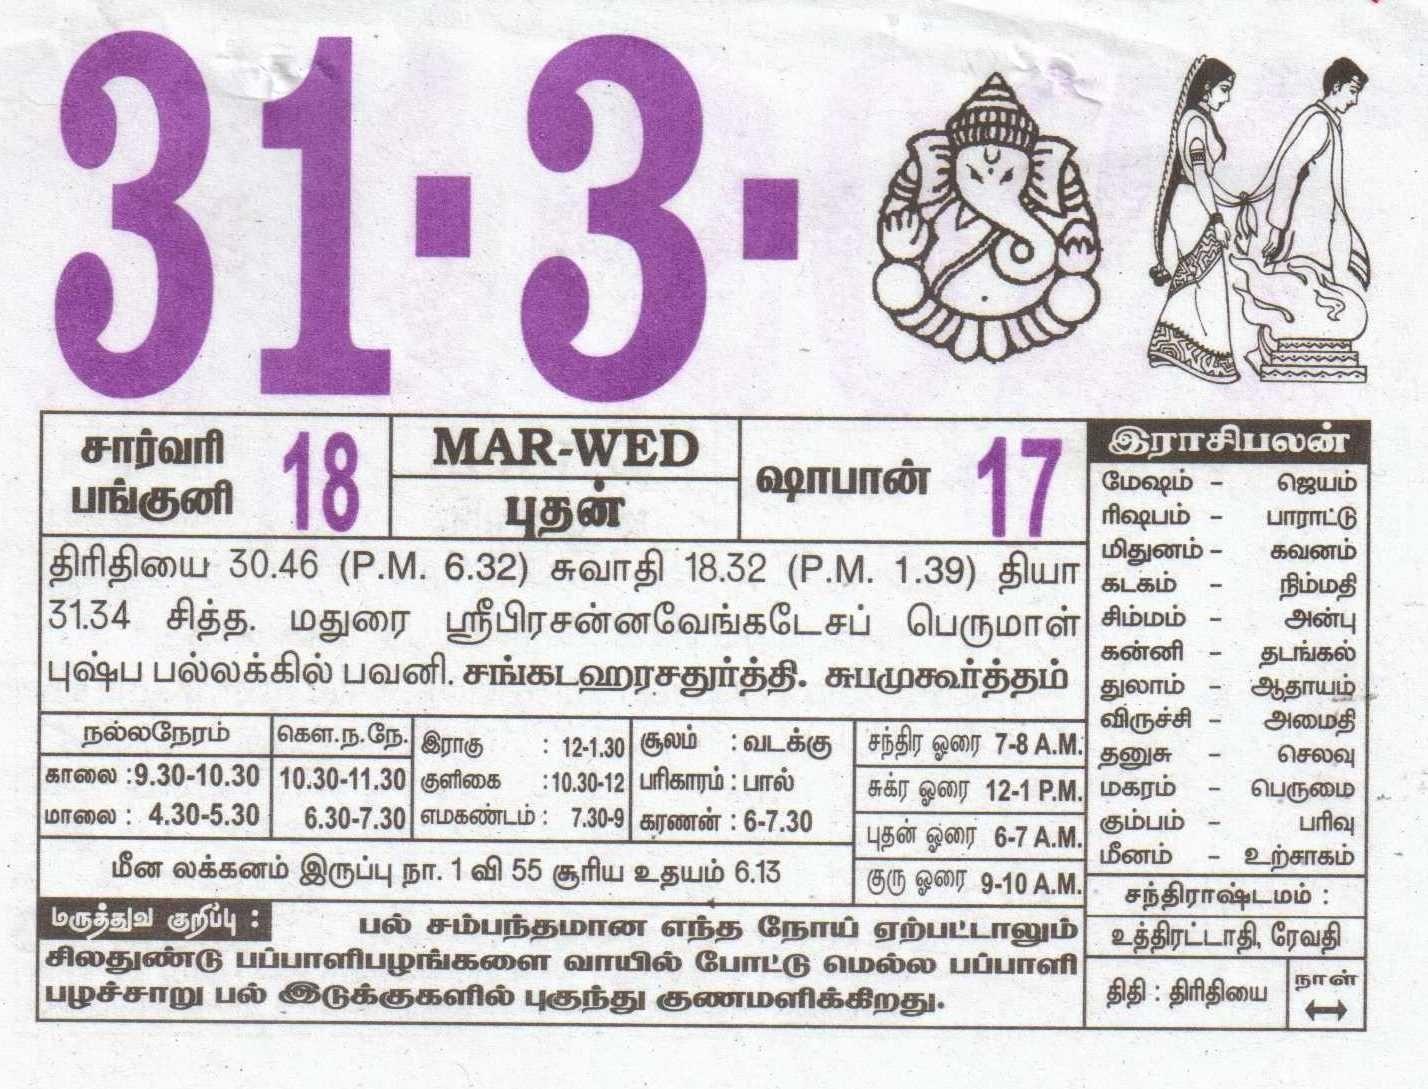 31-03-2021 Daily Calendar   Date 31 , January Daily Tear Off Calendar   Daily Panchangam Rasi Palan with 2021 Tamil Calendar Holidays Image